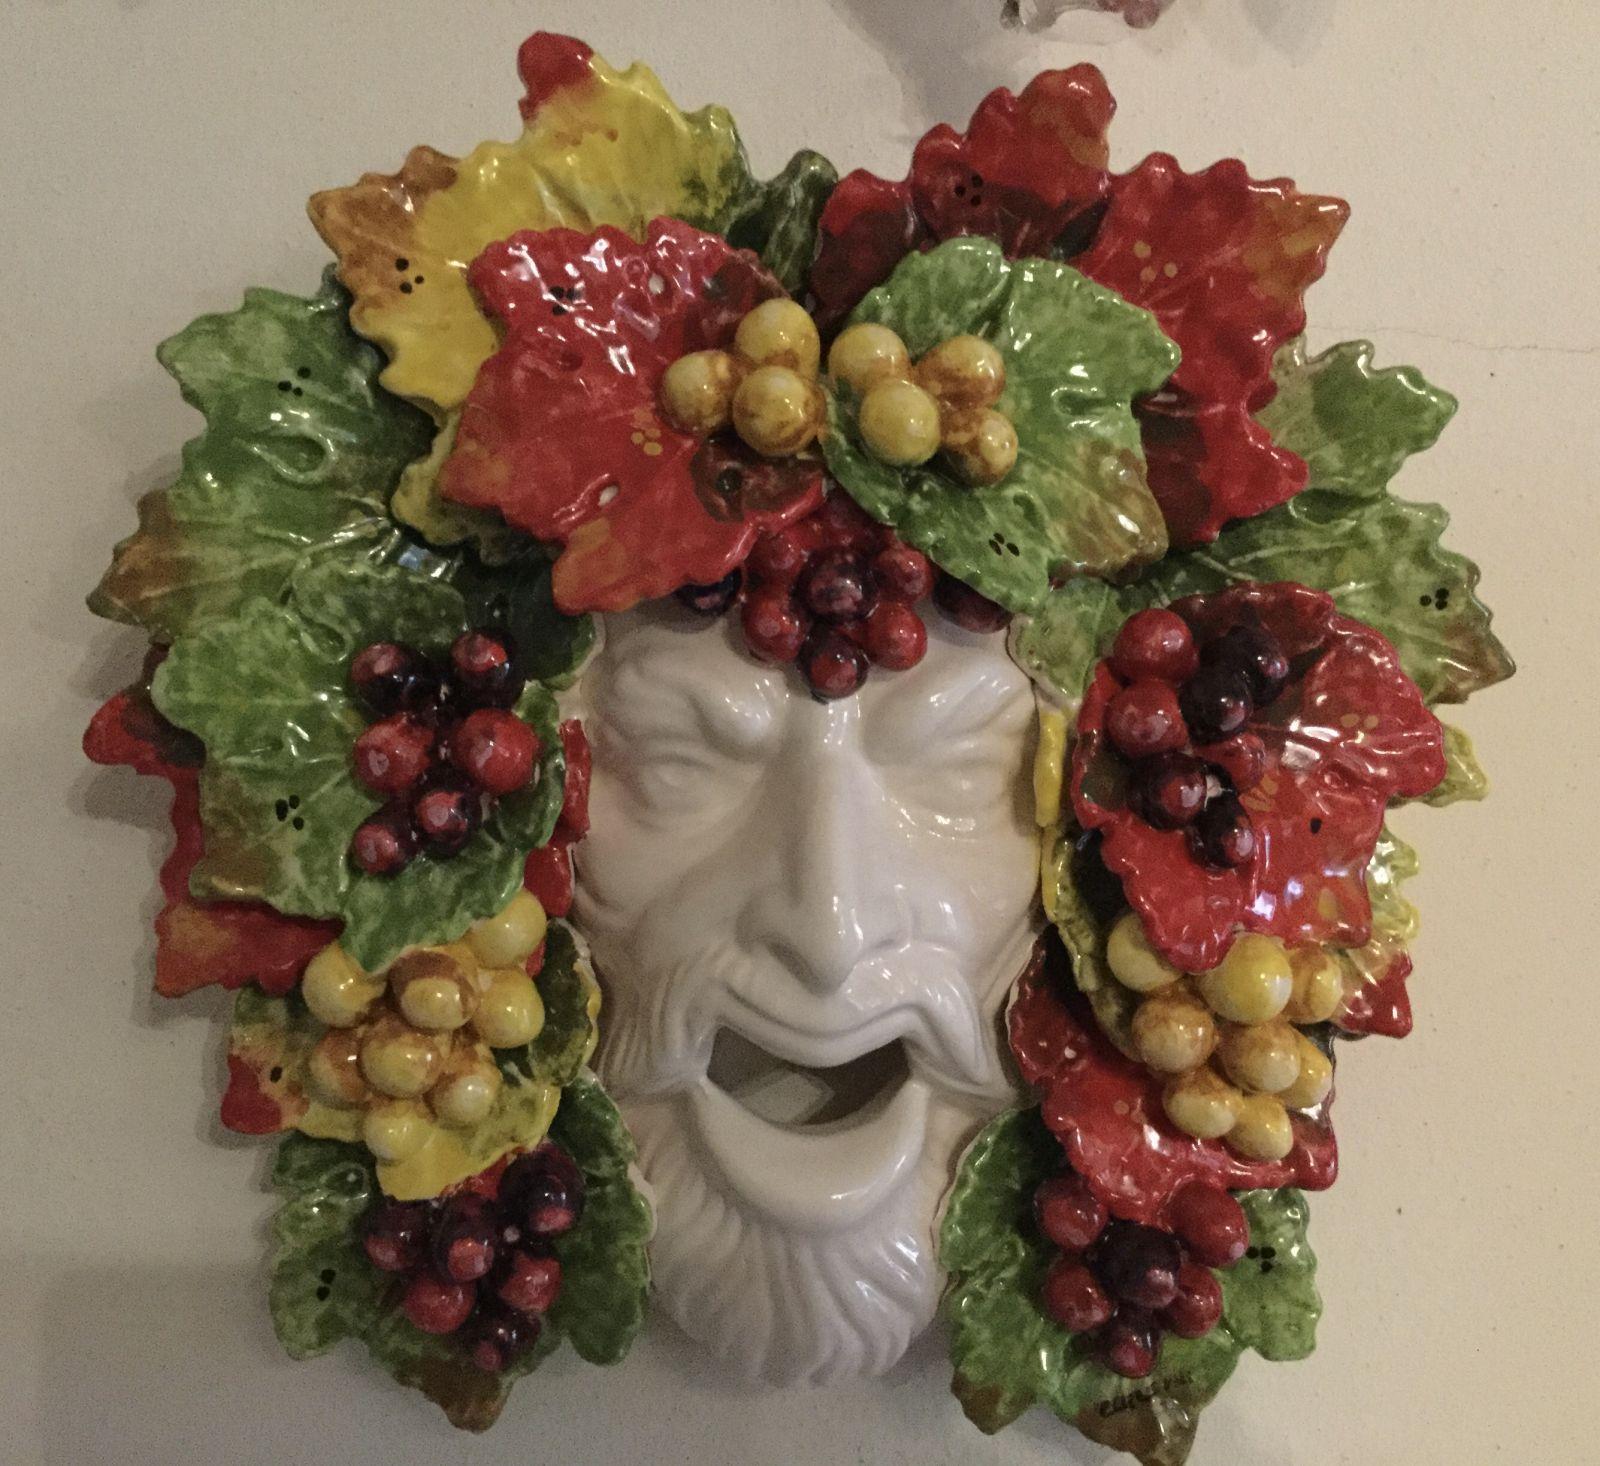 Maschera Bacco  con uva 32x32